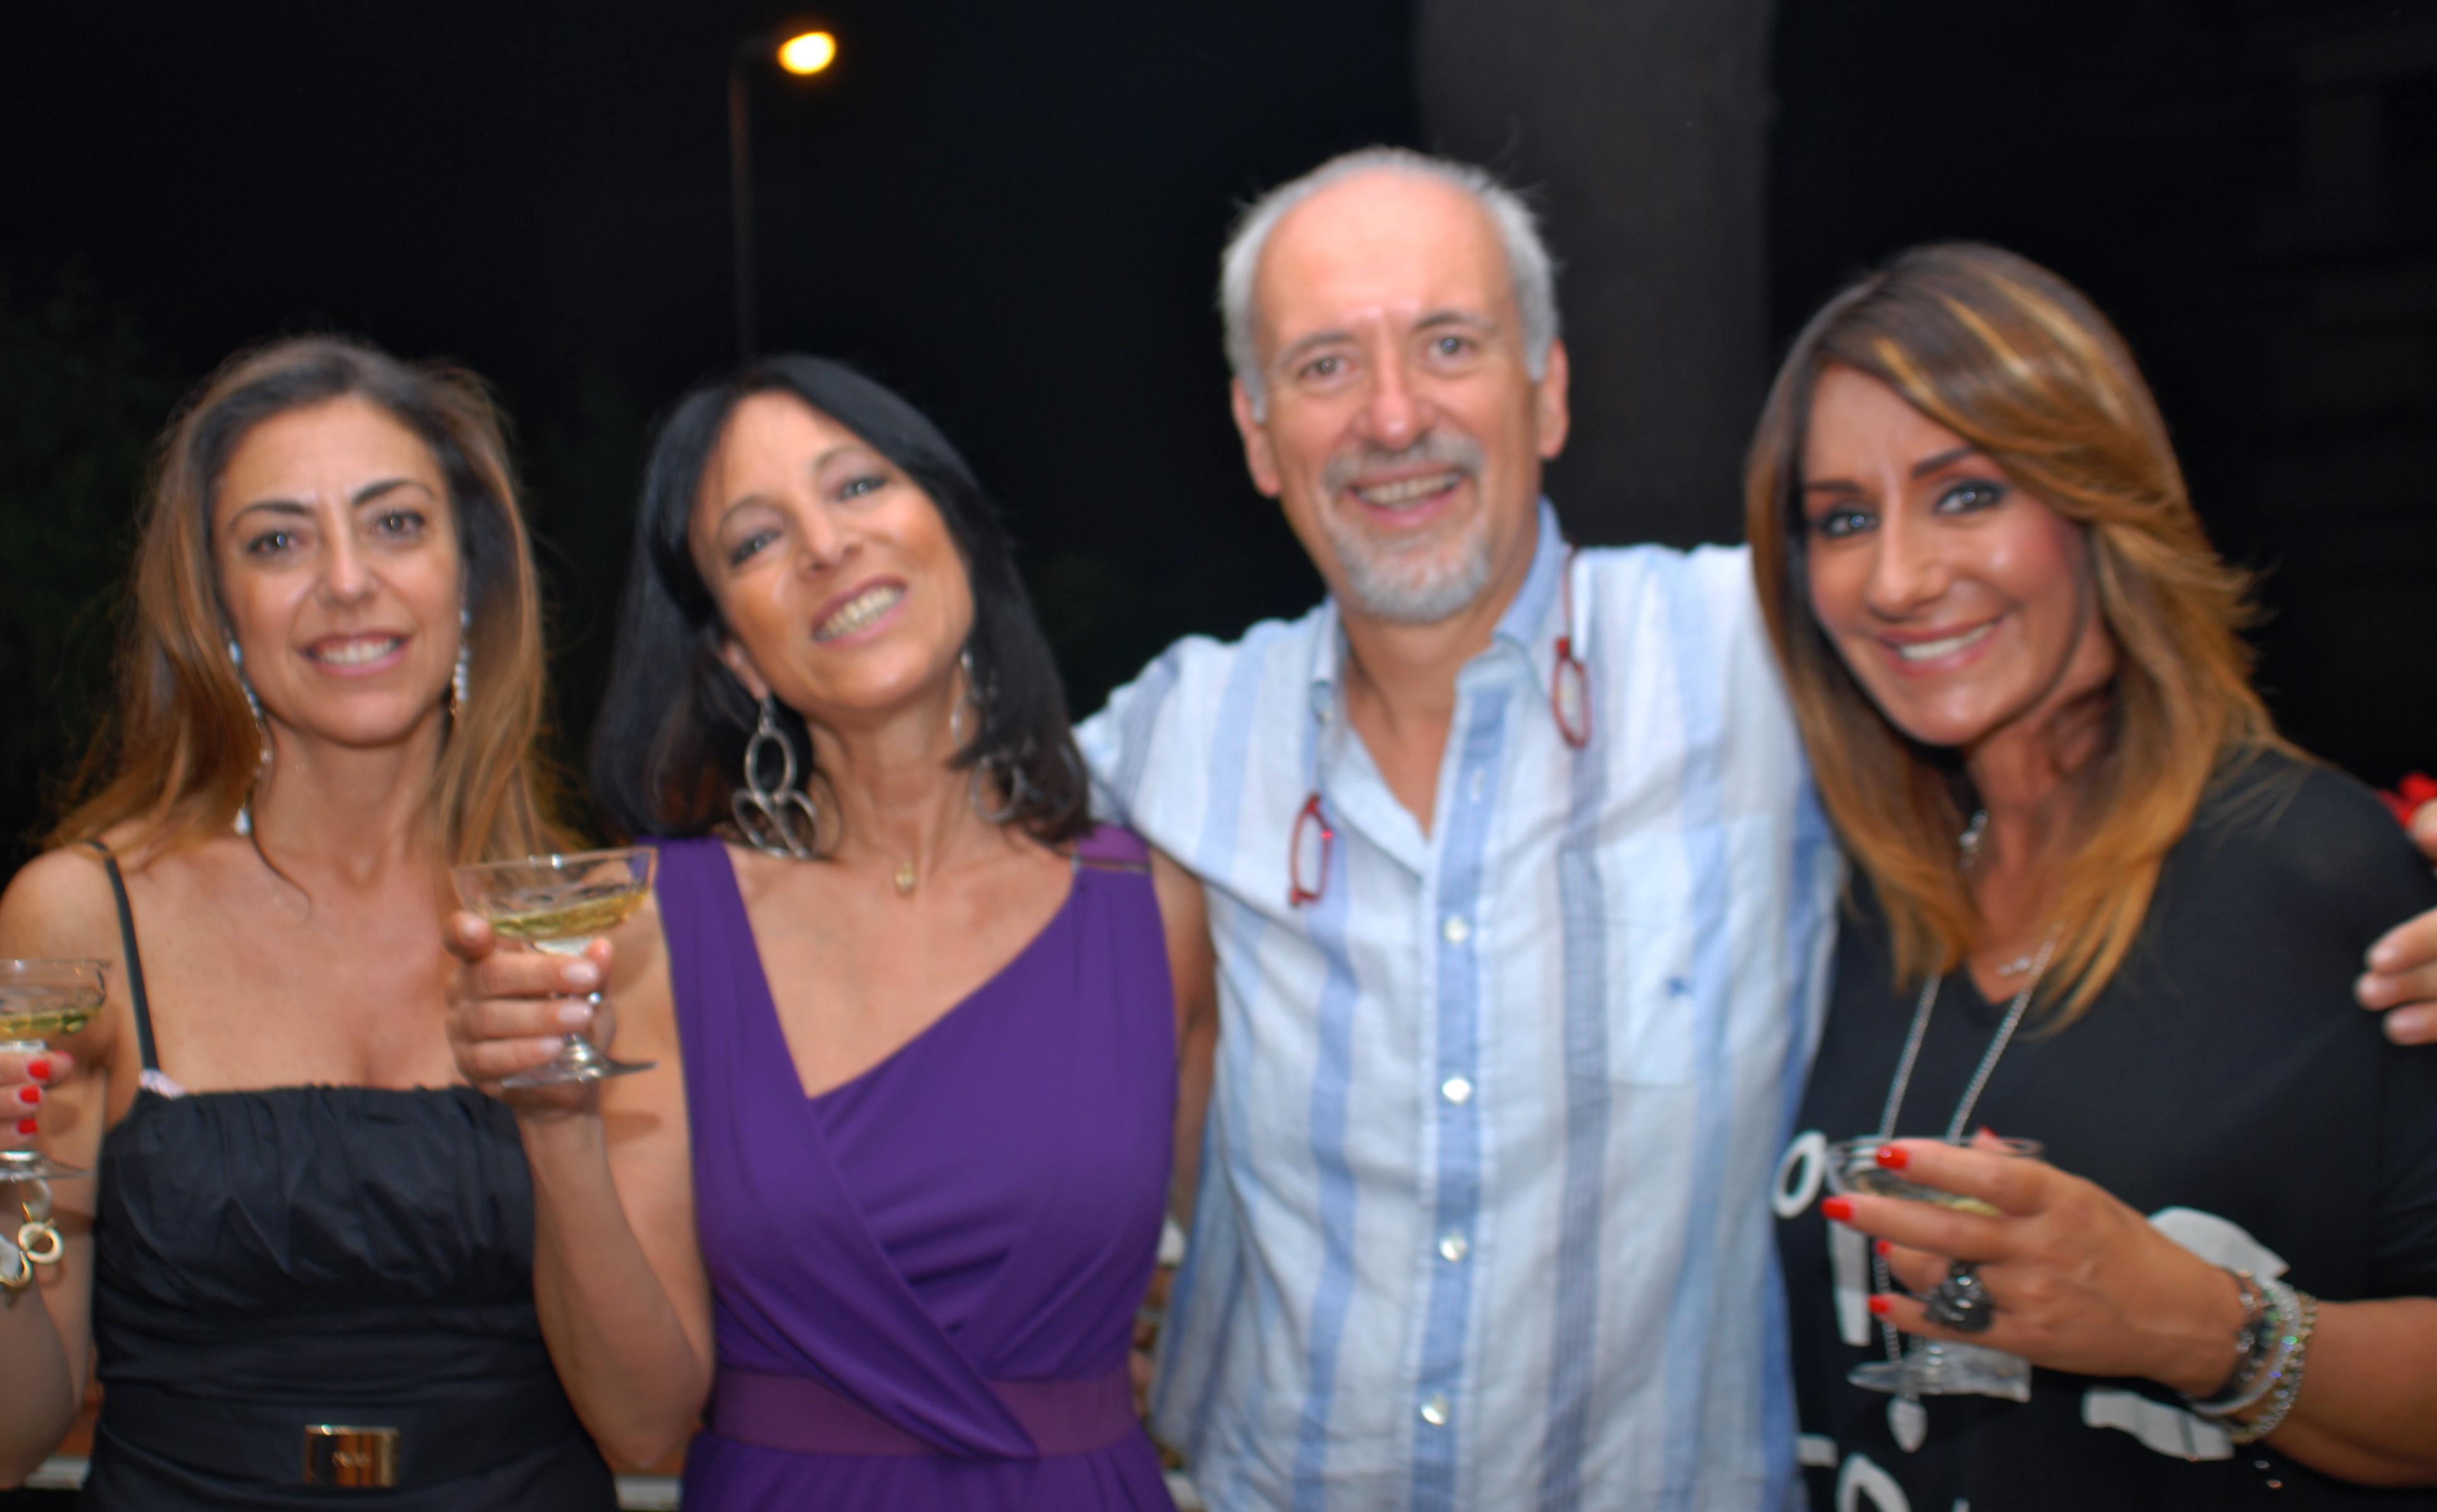 L'avv. Romolo Reboa insieme ad alcune ospiti della serata